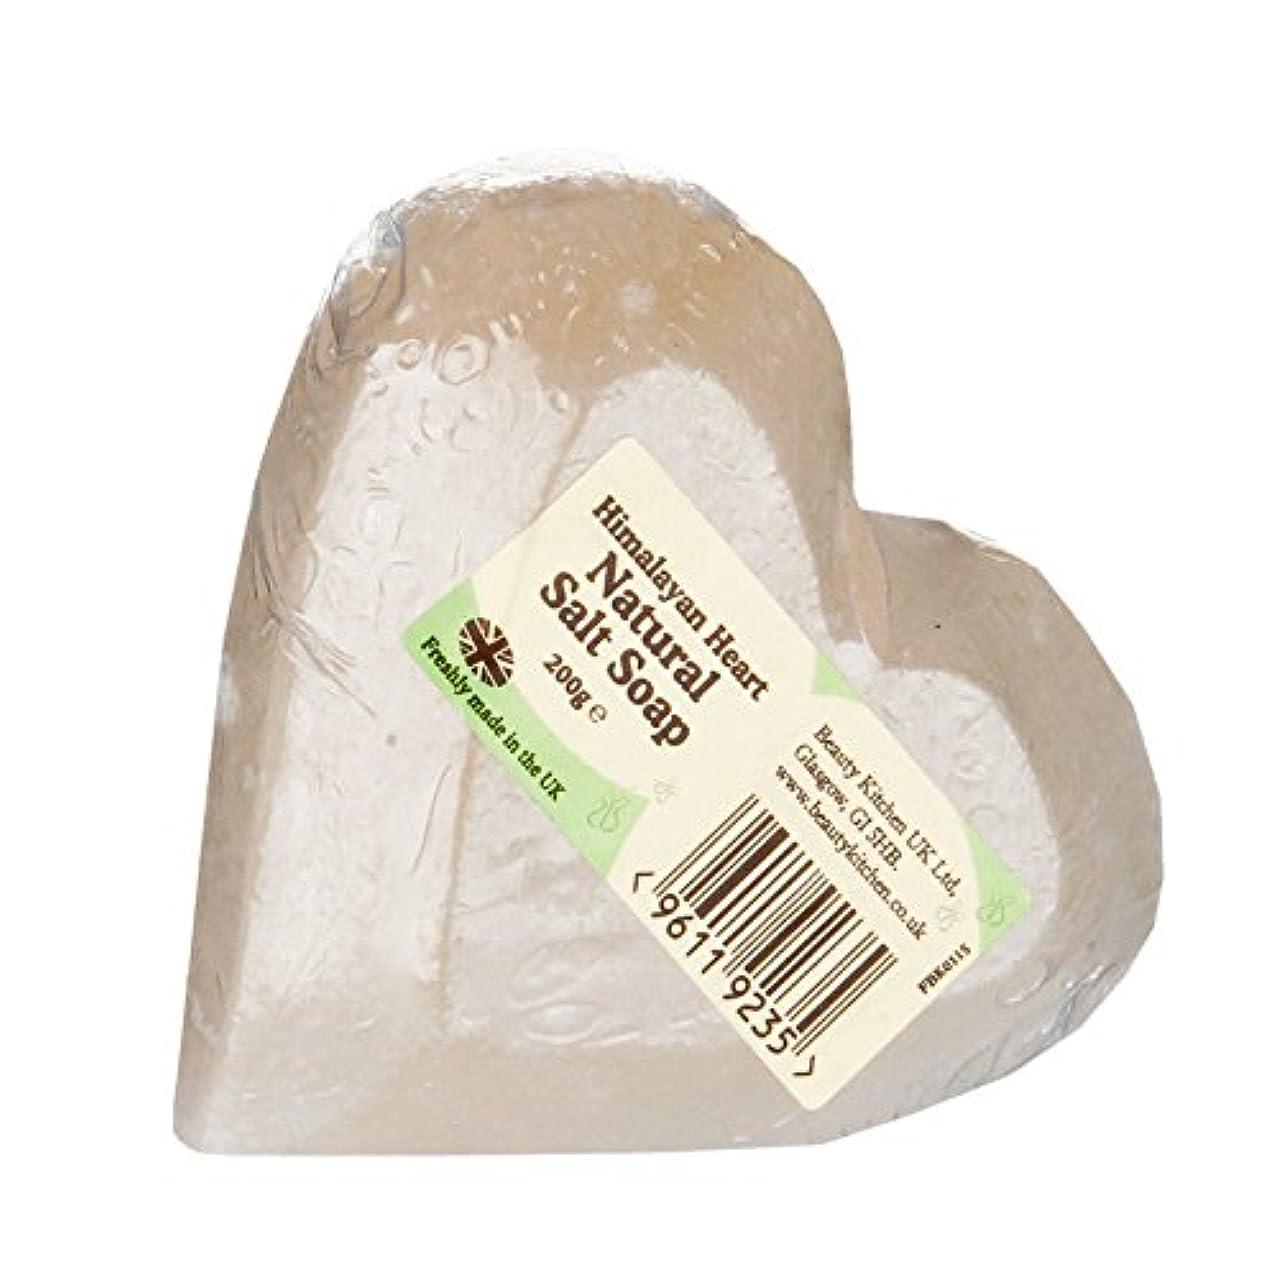 ハムたらいサンプルBeauty Kitchen Himalayan Heart Soap 200g (Pack of 2) - 美容キッチンヒマラヤンハートソープ200グラム (x2) [並行輸入品]